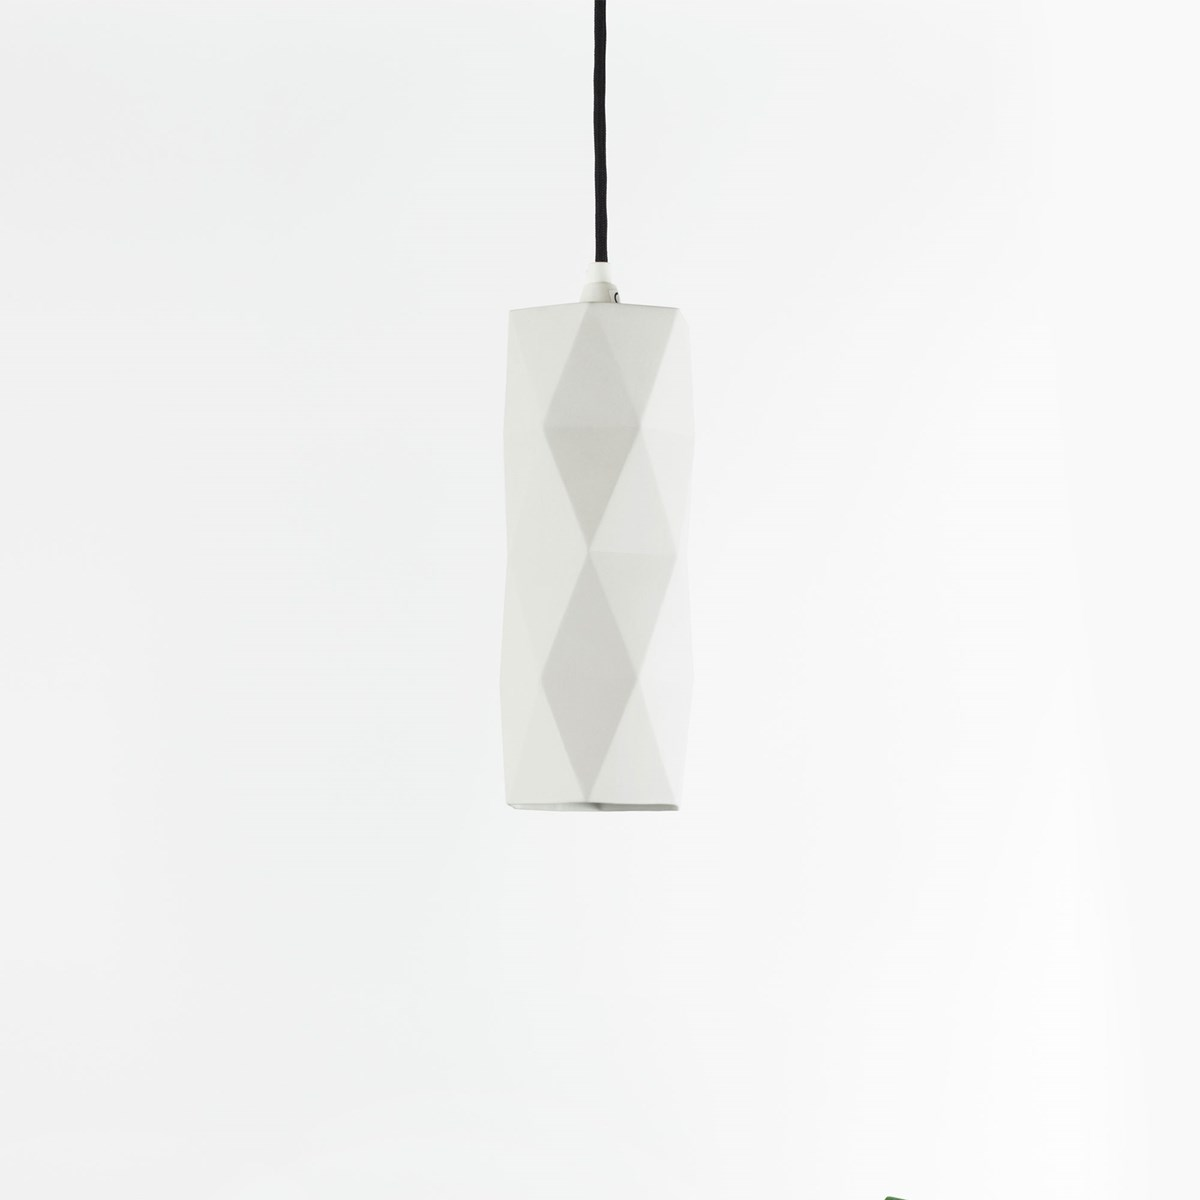 Pendant light triangle [K2] - white porcelain